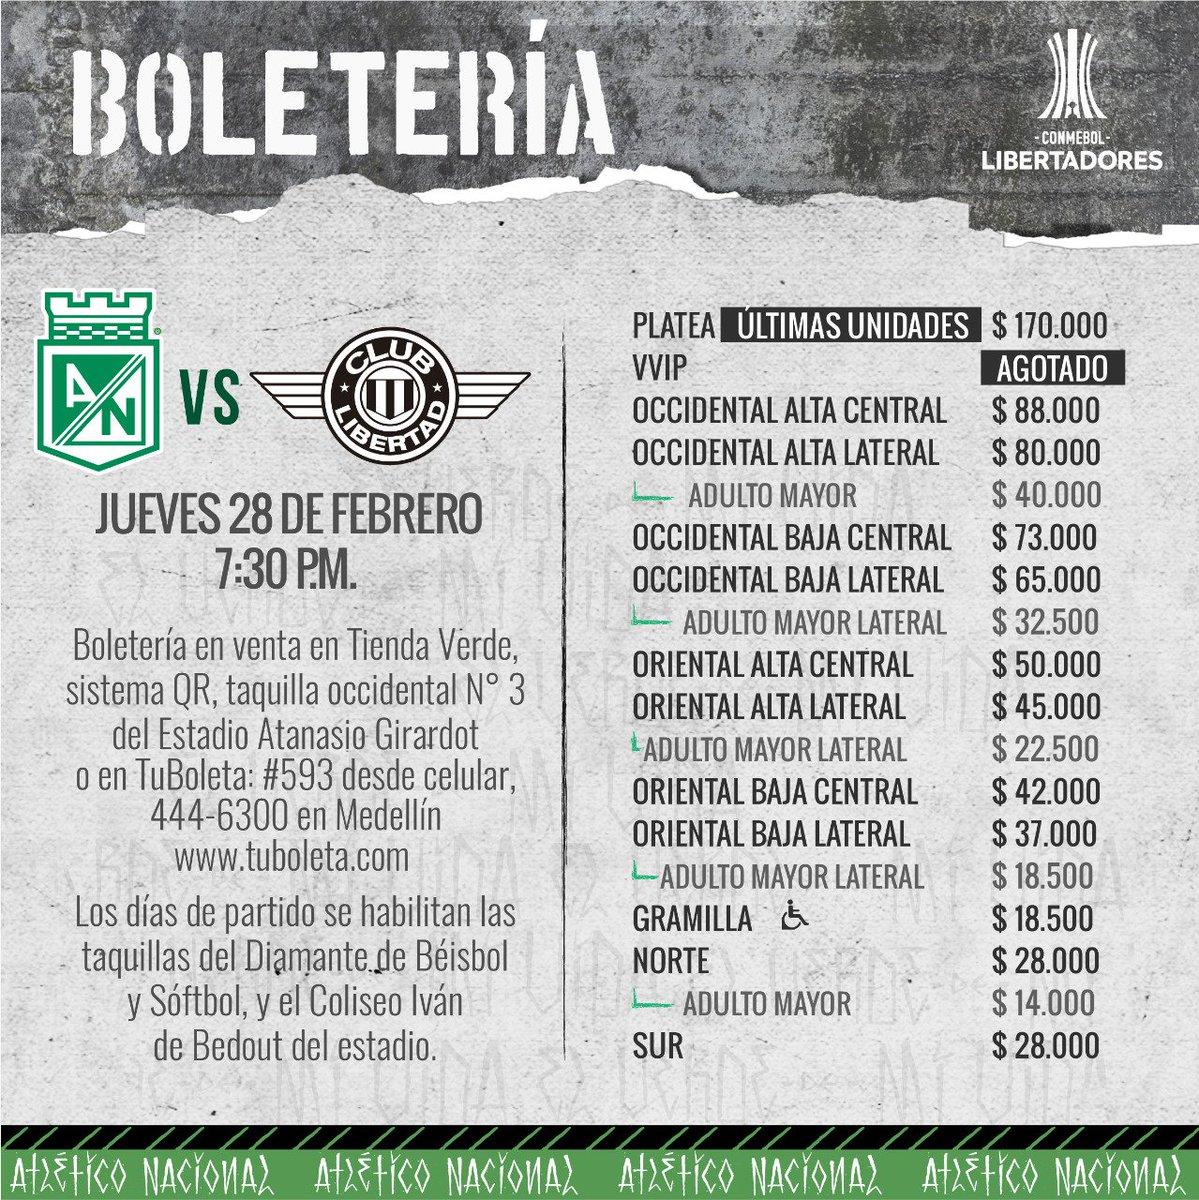 f7aea9380 Atlético Nacional on Twitter